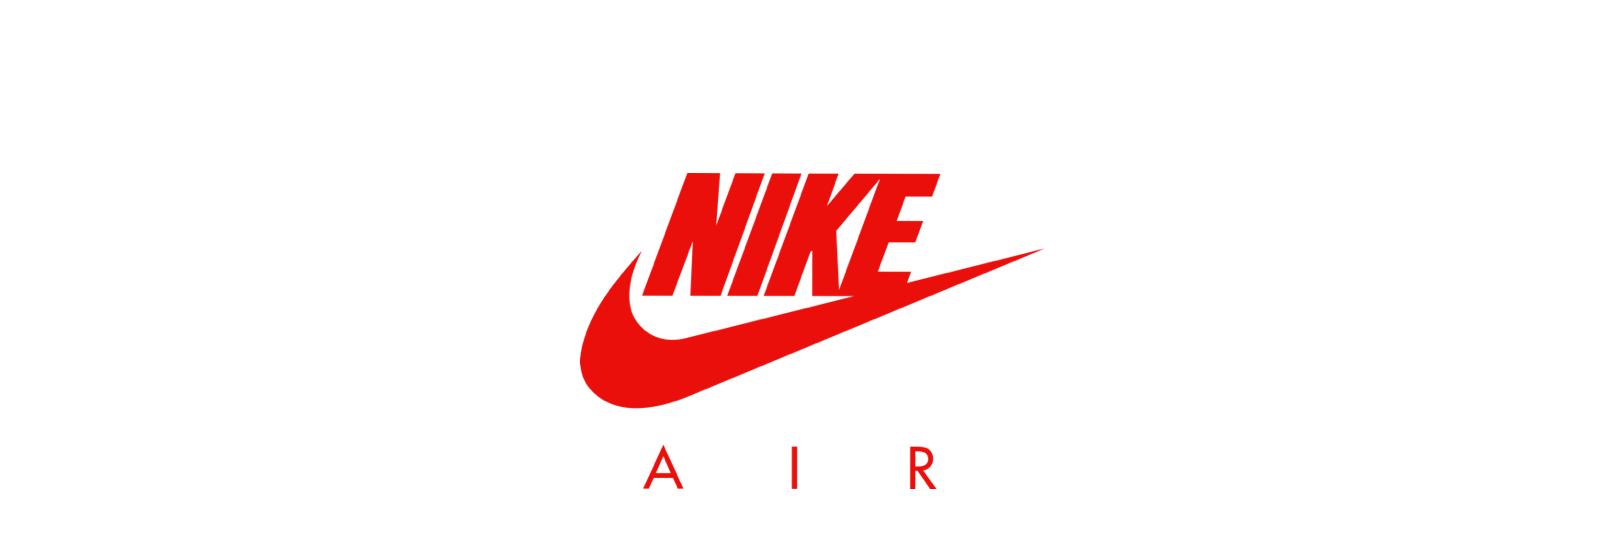 Air max Logos.